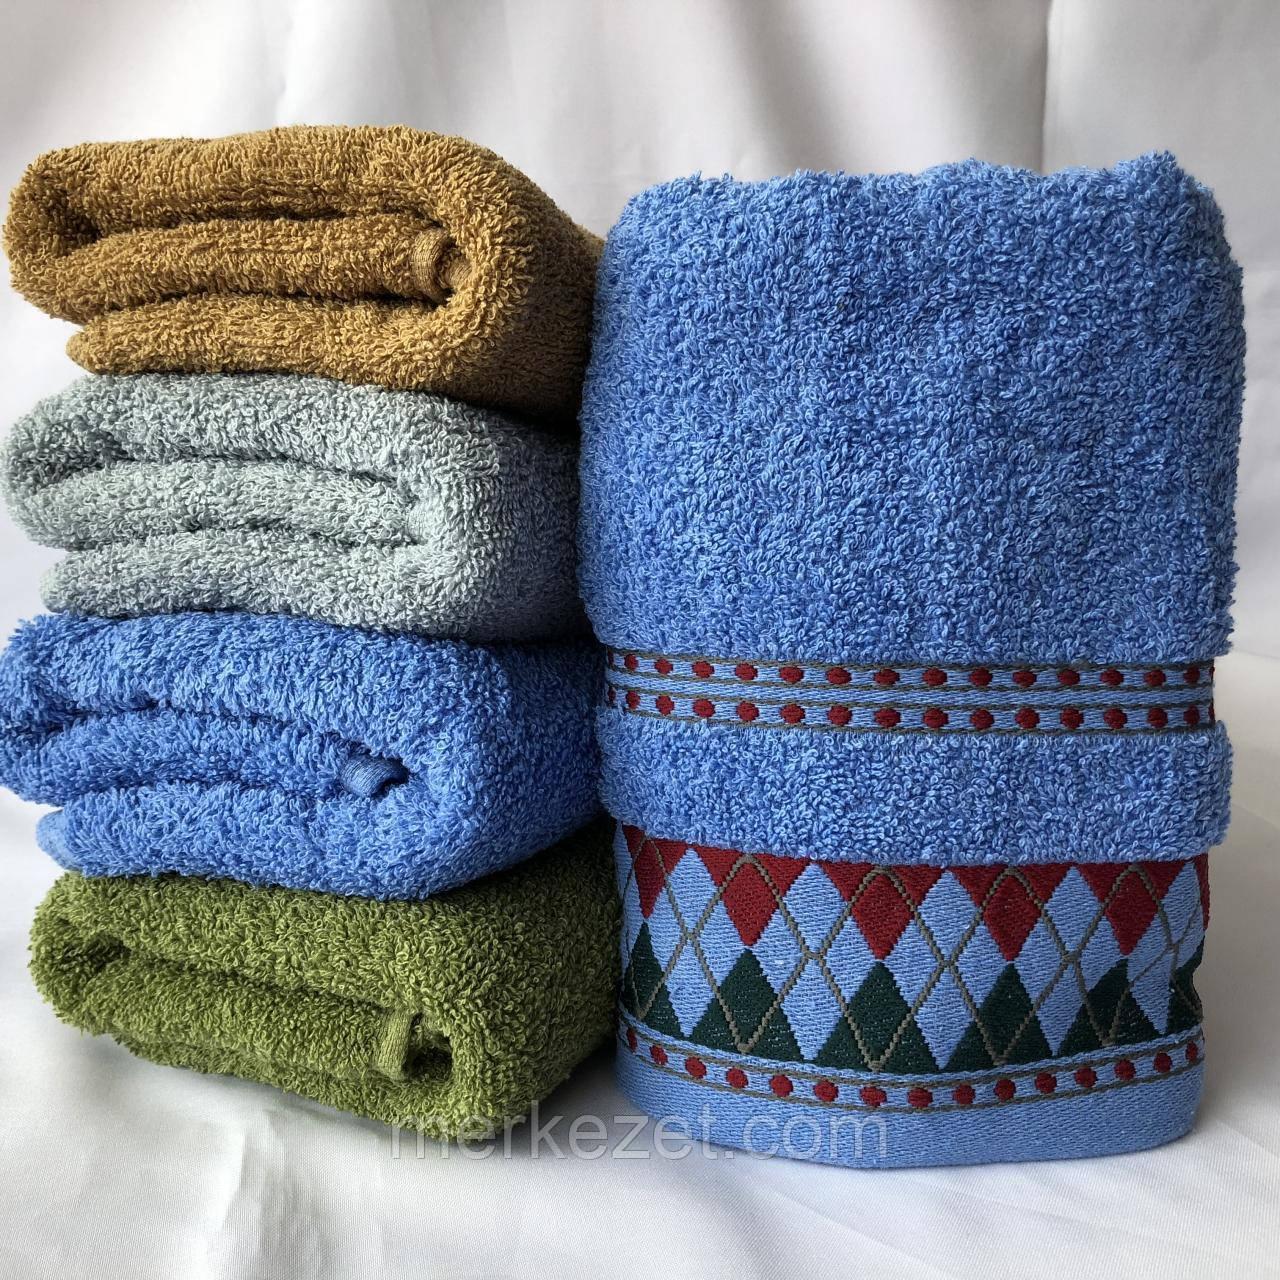 """Полотенце махровое для бани. Банное полотенце """"Айса"""". Пляжное полотенце"""